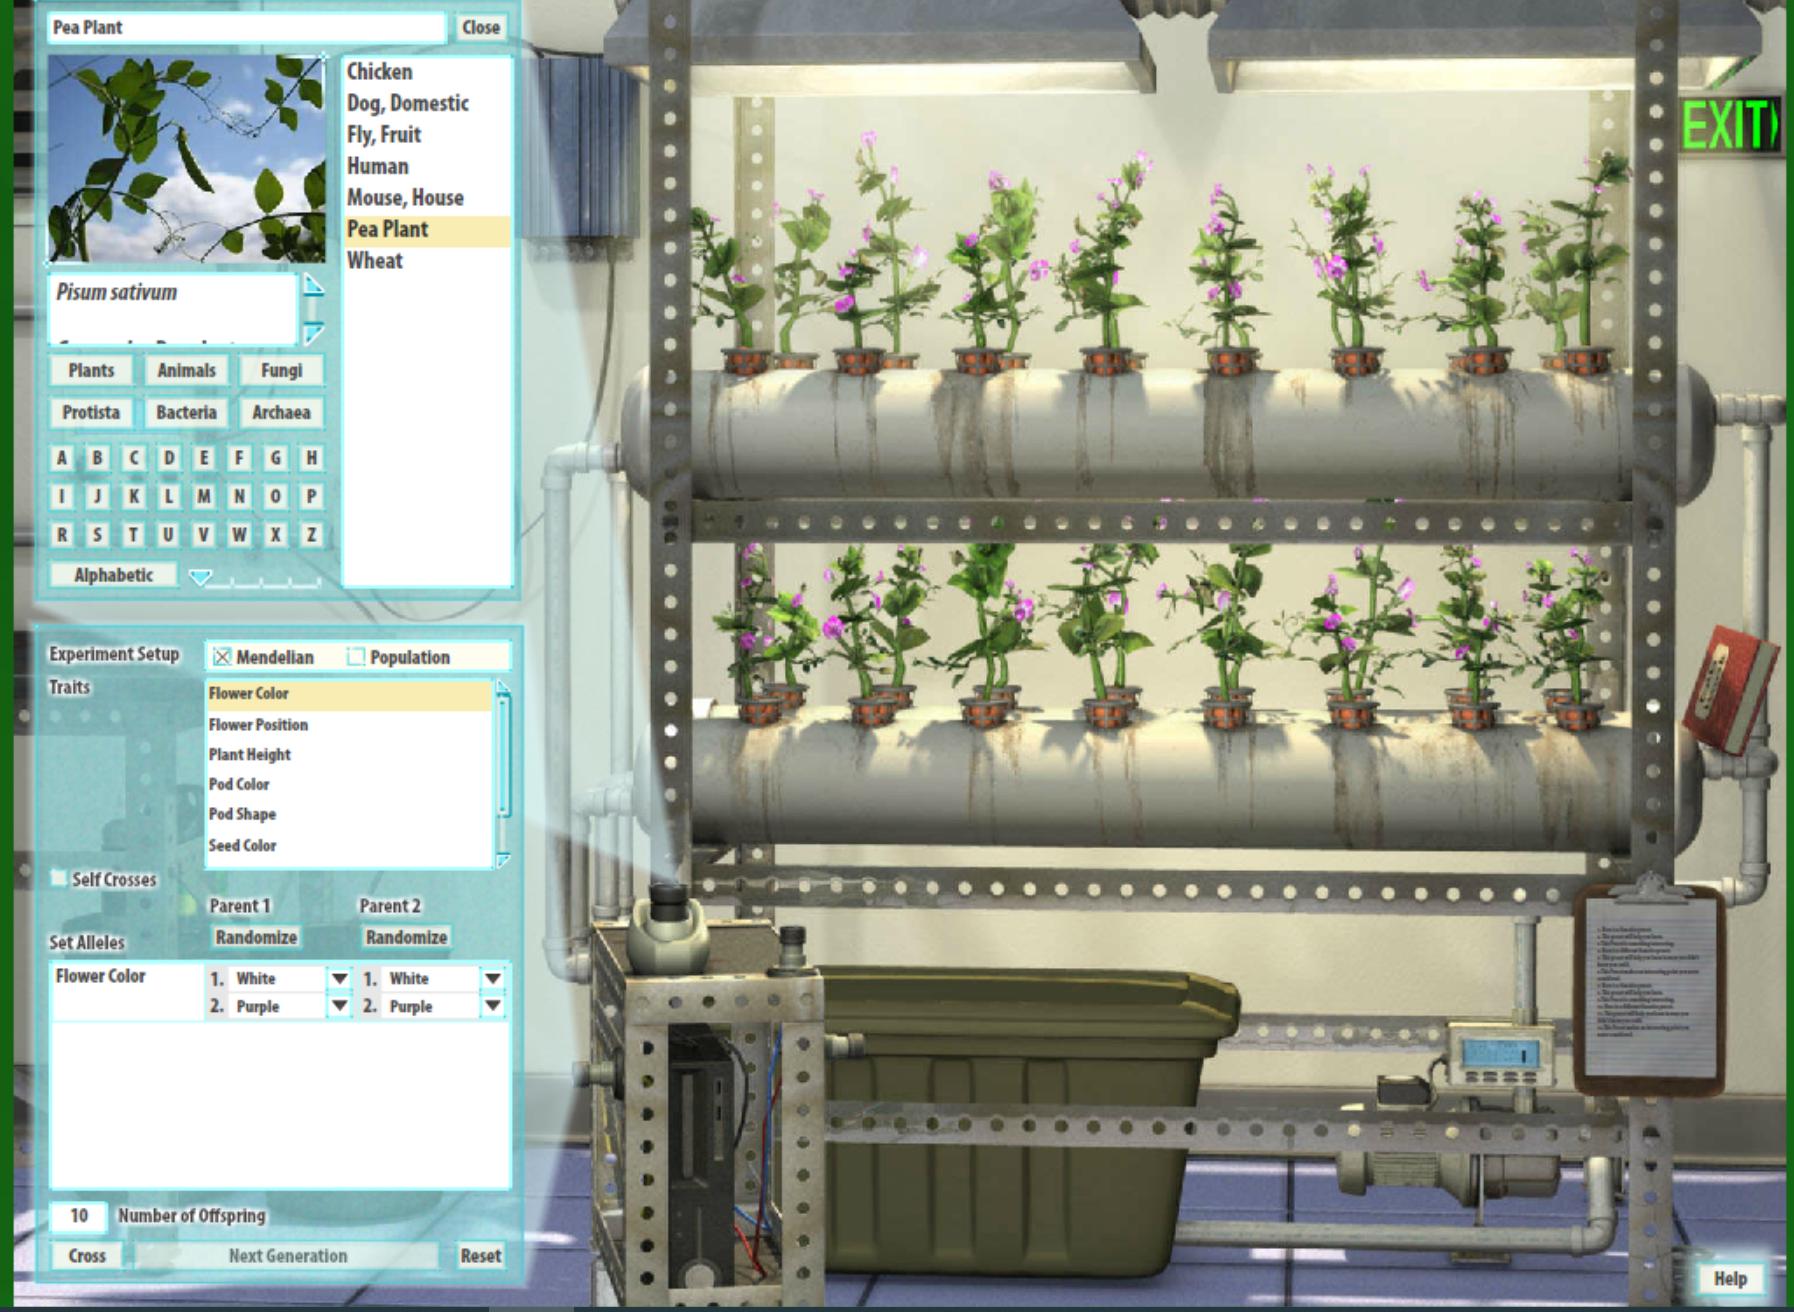 Pea Plant Genetics